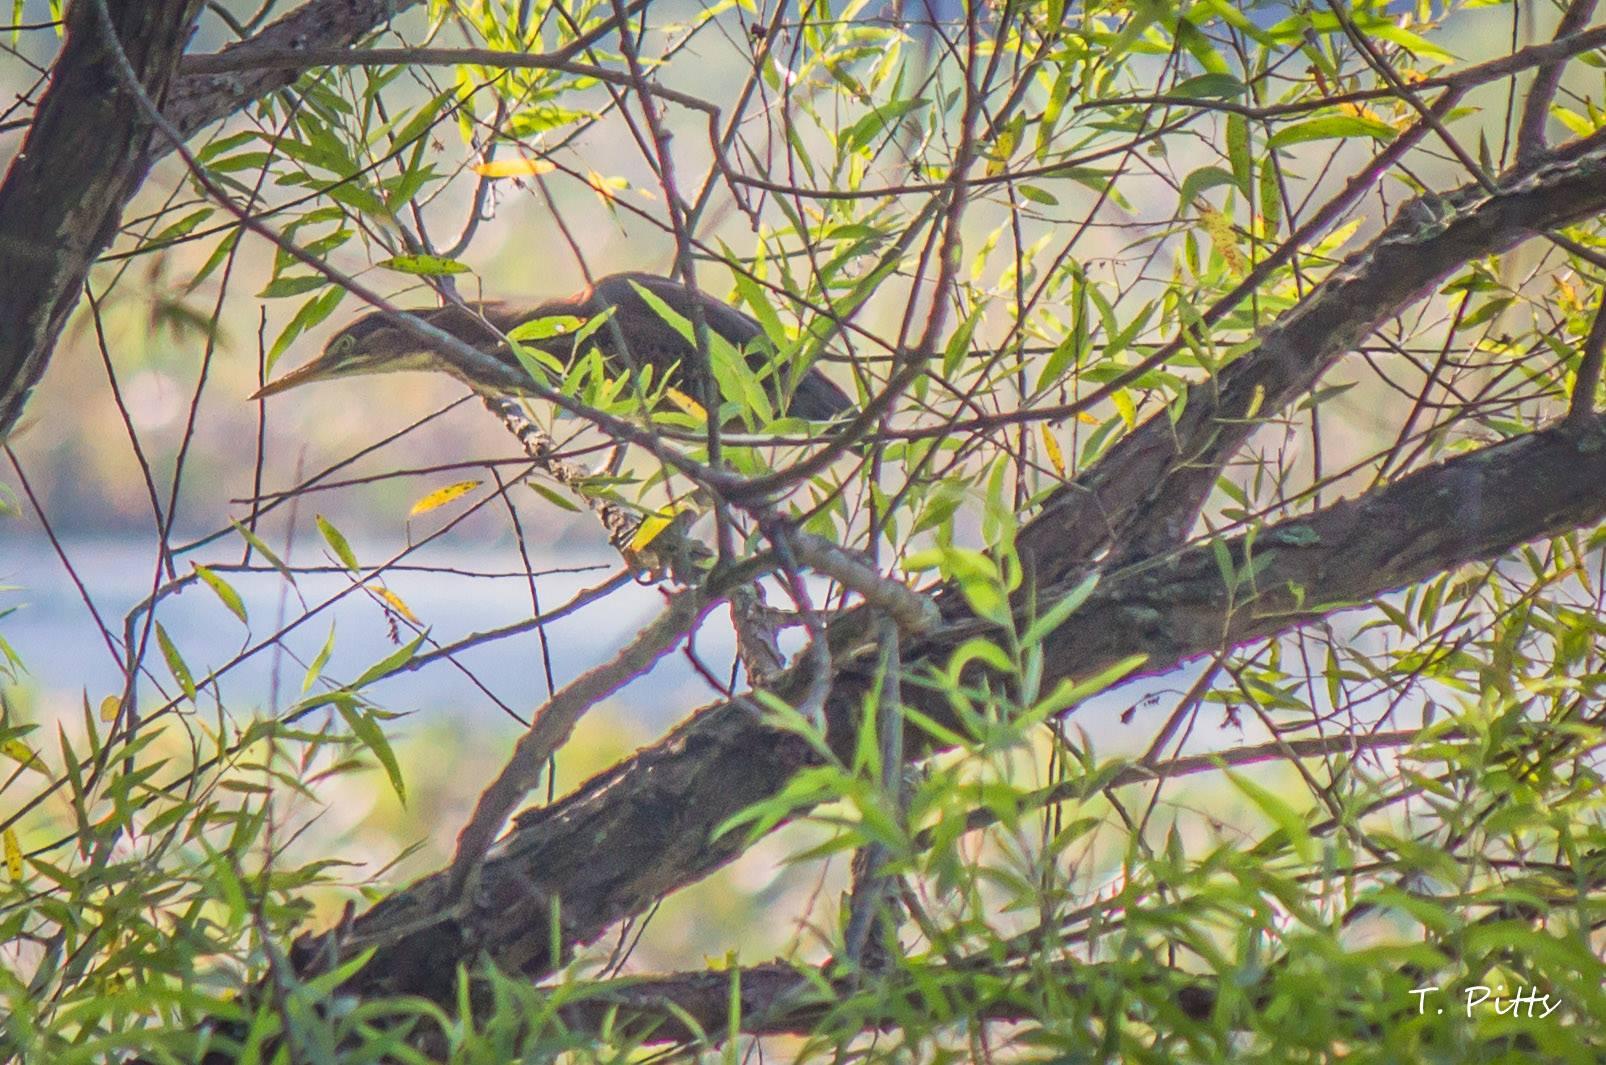 heron - pitts.jpg